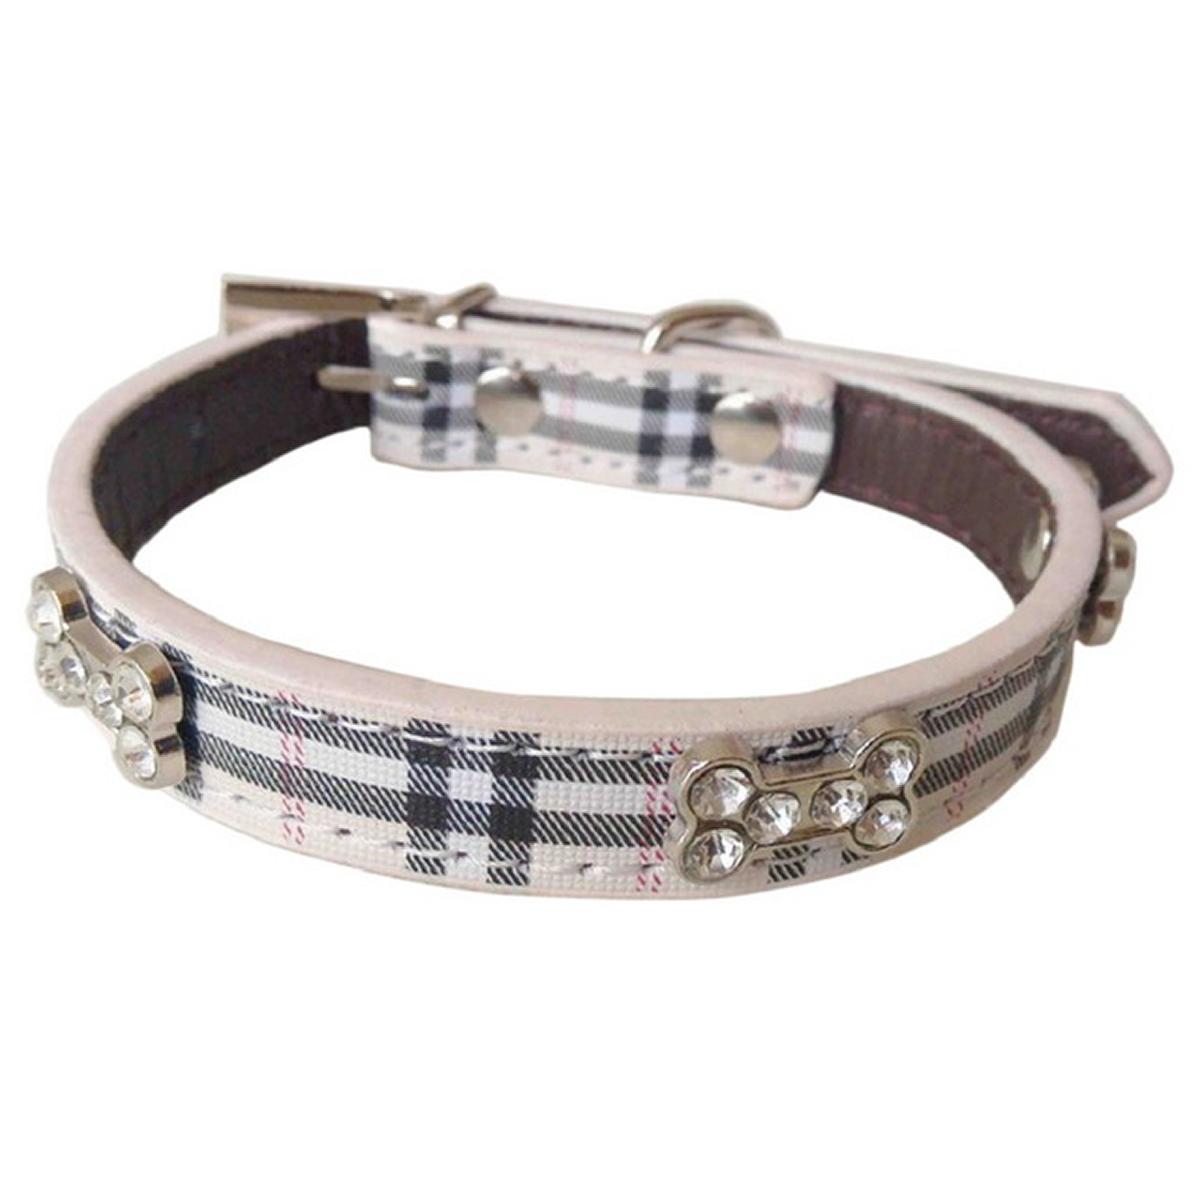 Plaid Dog Collar by Parisian Pet - Khaki